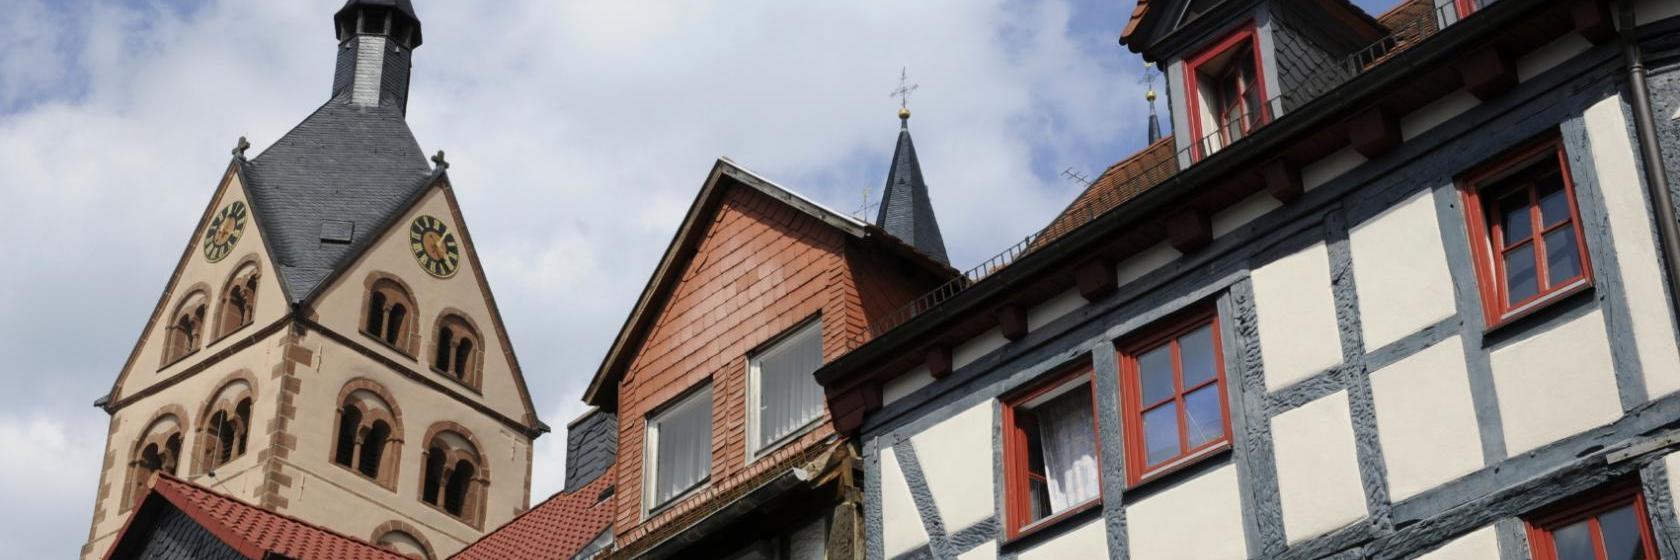 Die Besten Verfugbaren Hotels Und Unterkunfte In Der Nahe Von Gelnhausen Hotels Gelnhausen